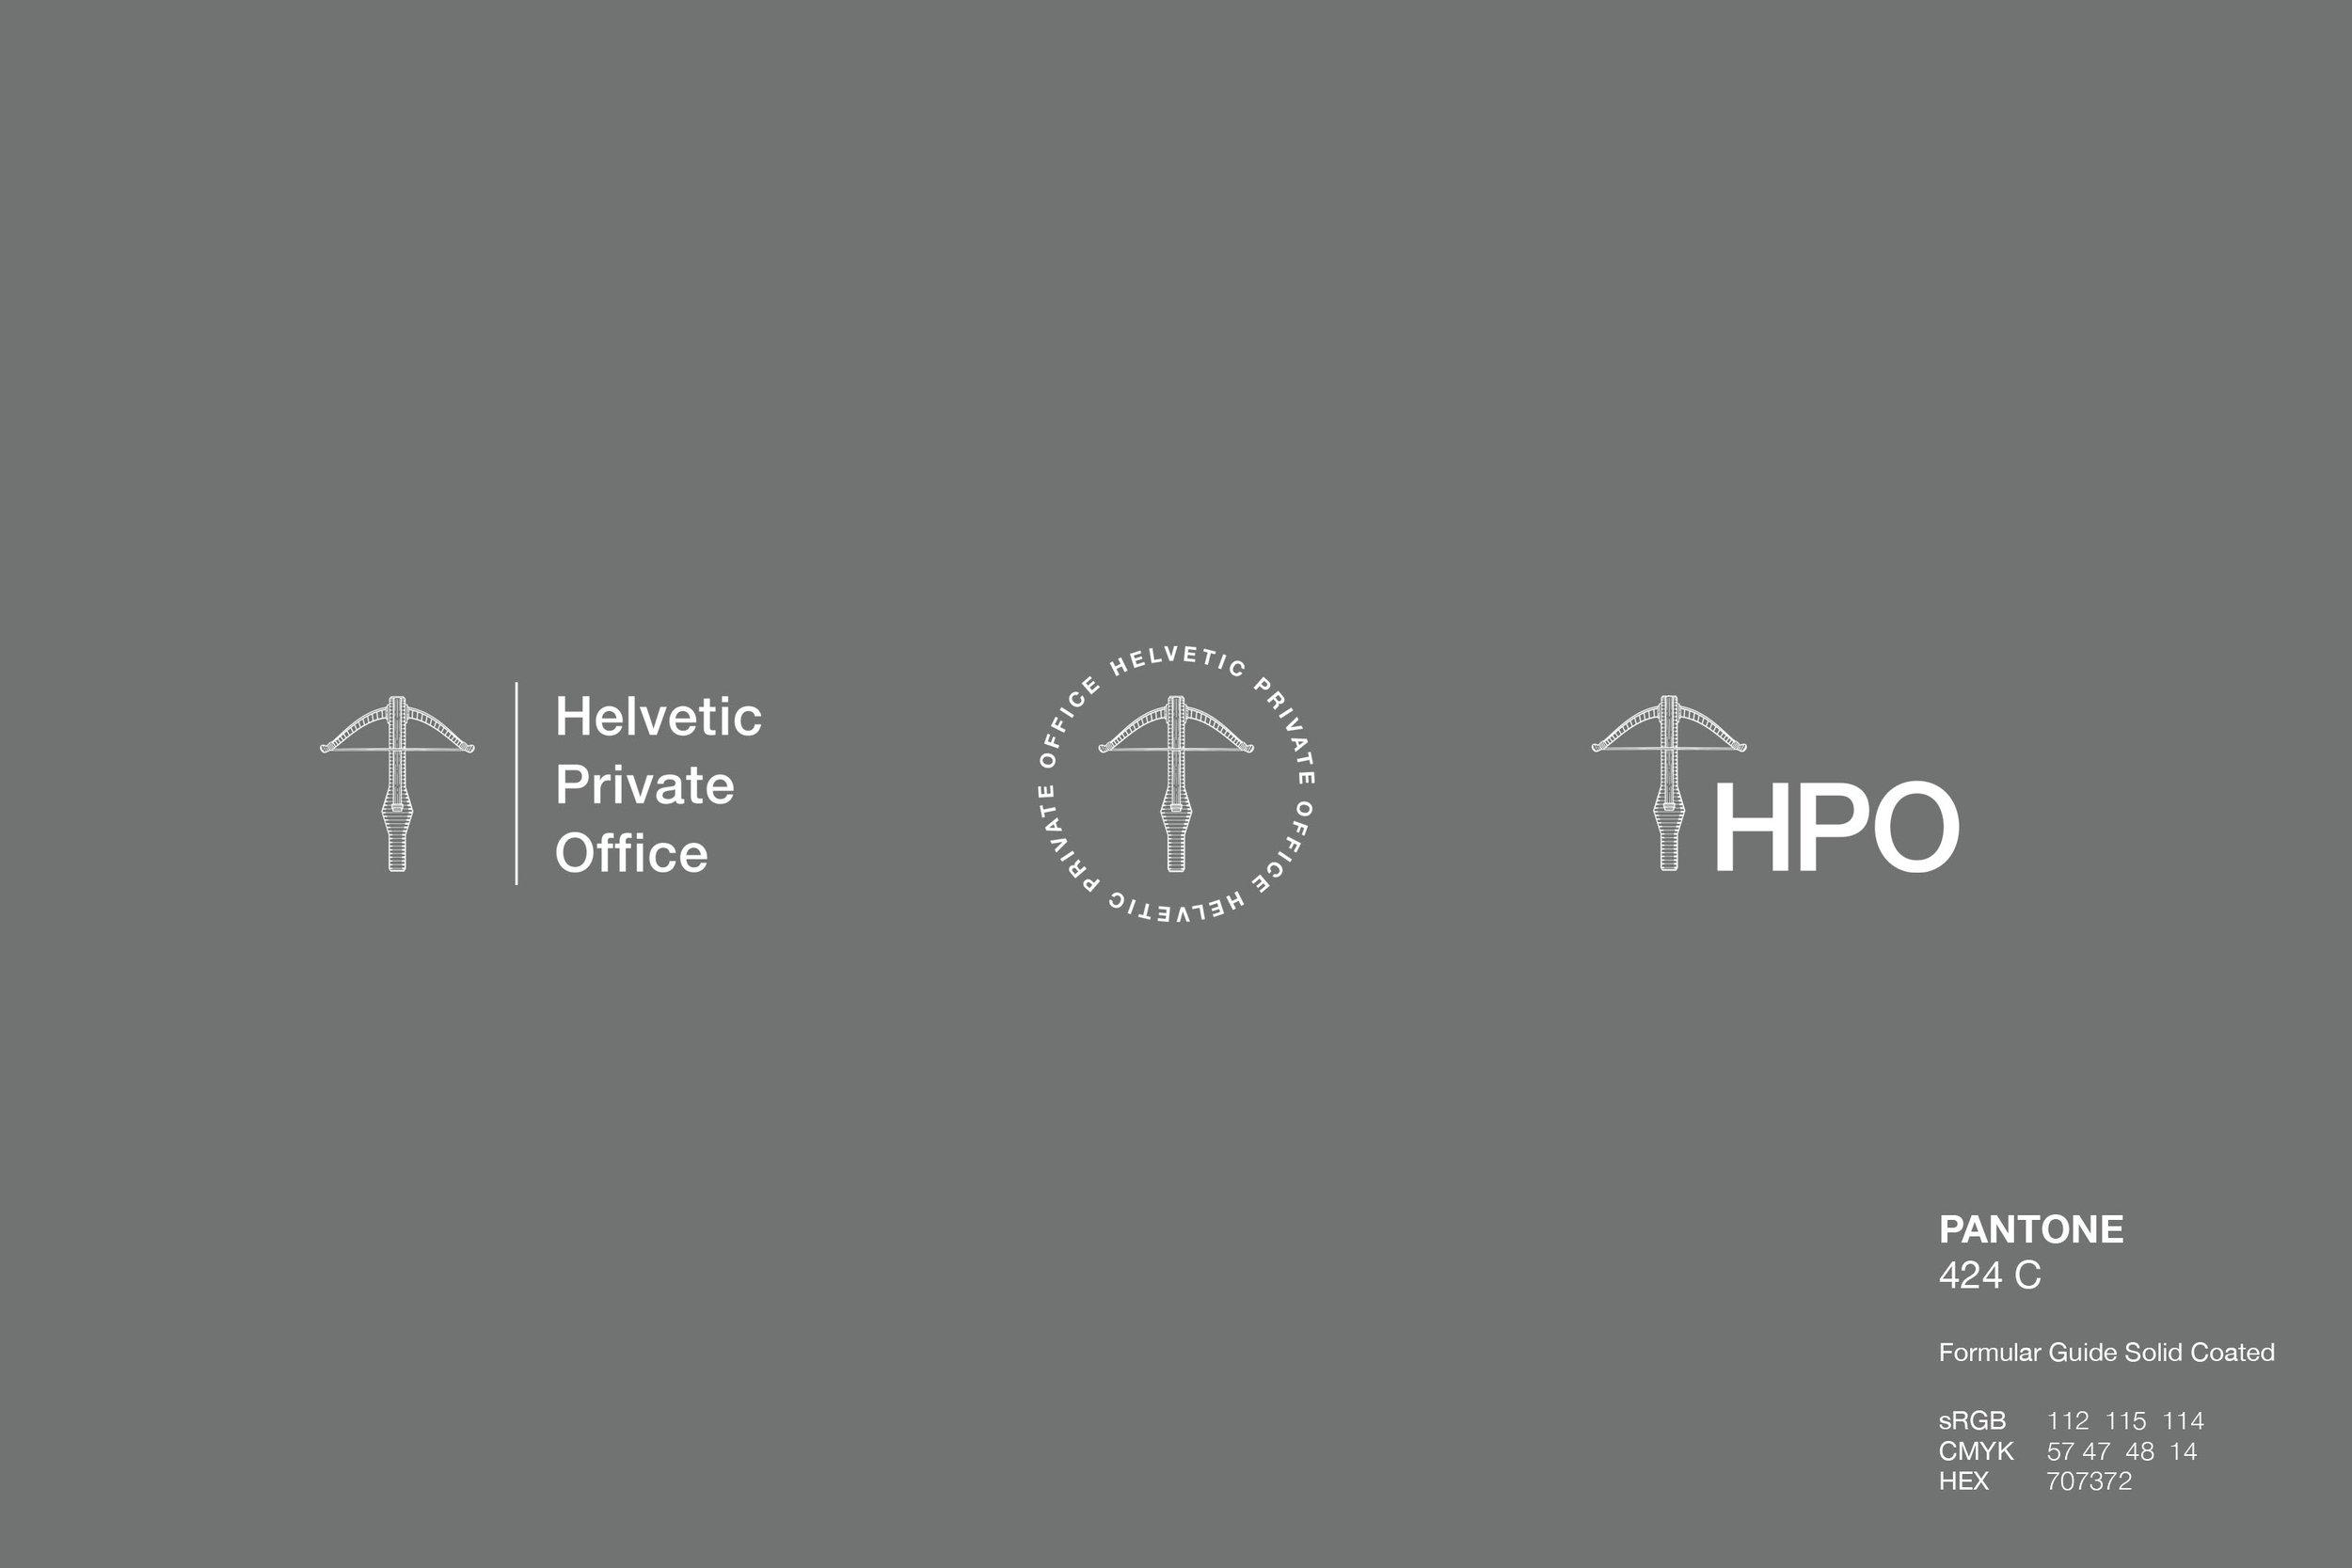 14.-hpo-identity-presentation.jpg